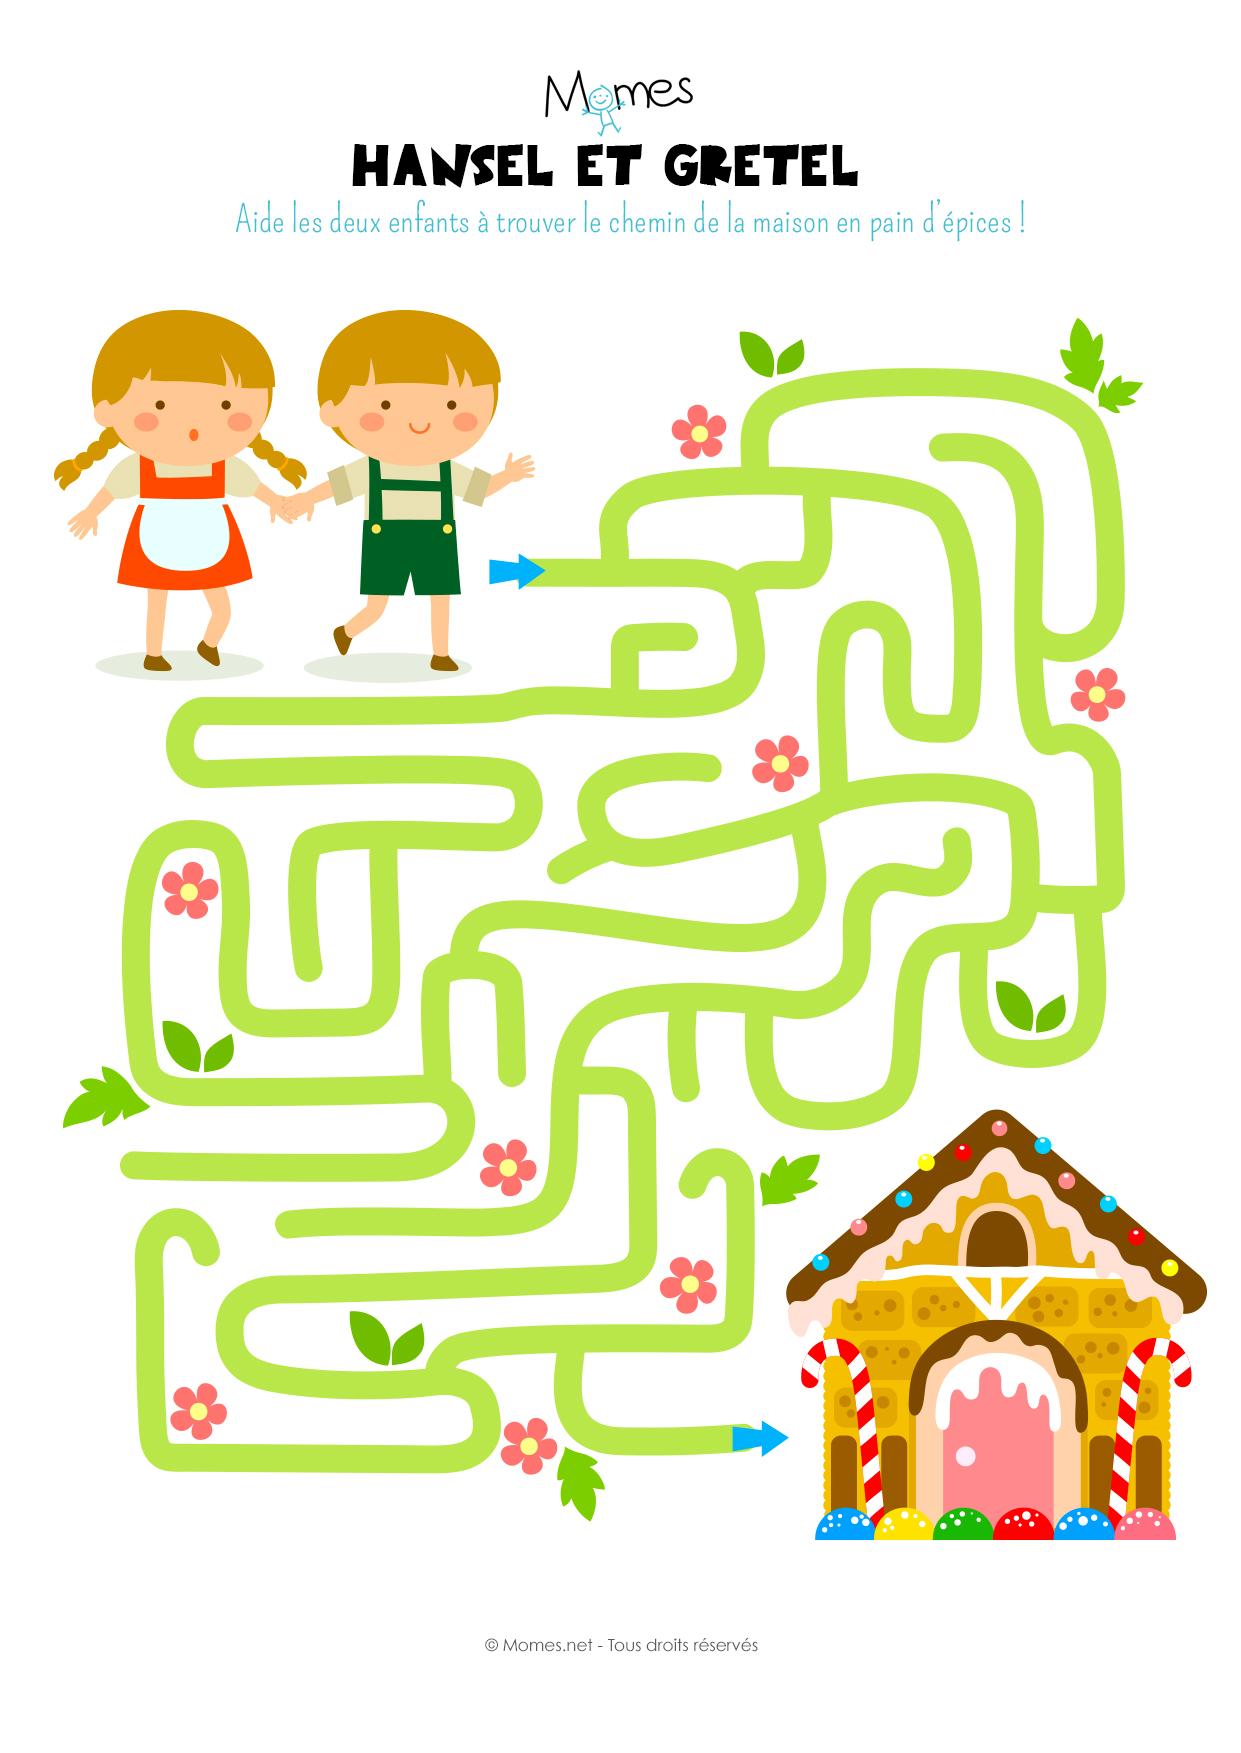 Le labyrinthe d 39 hansel et gretel - Jeux labyrinthe a imprimer ...